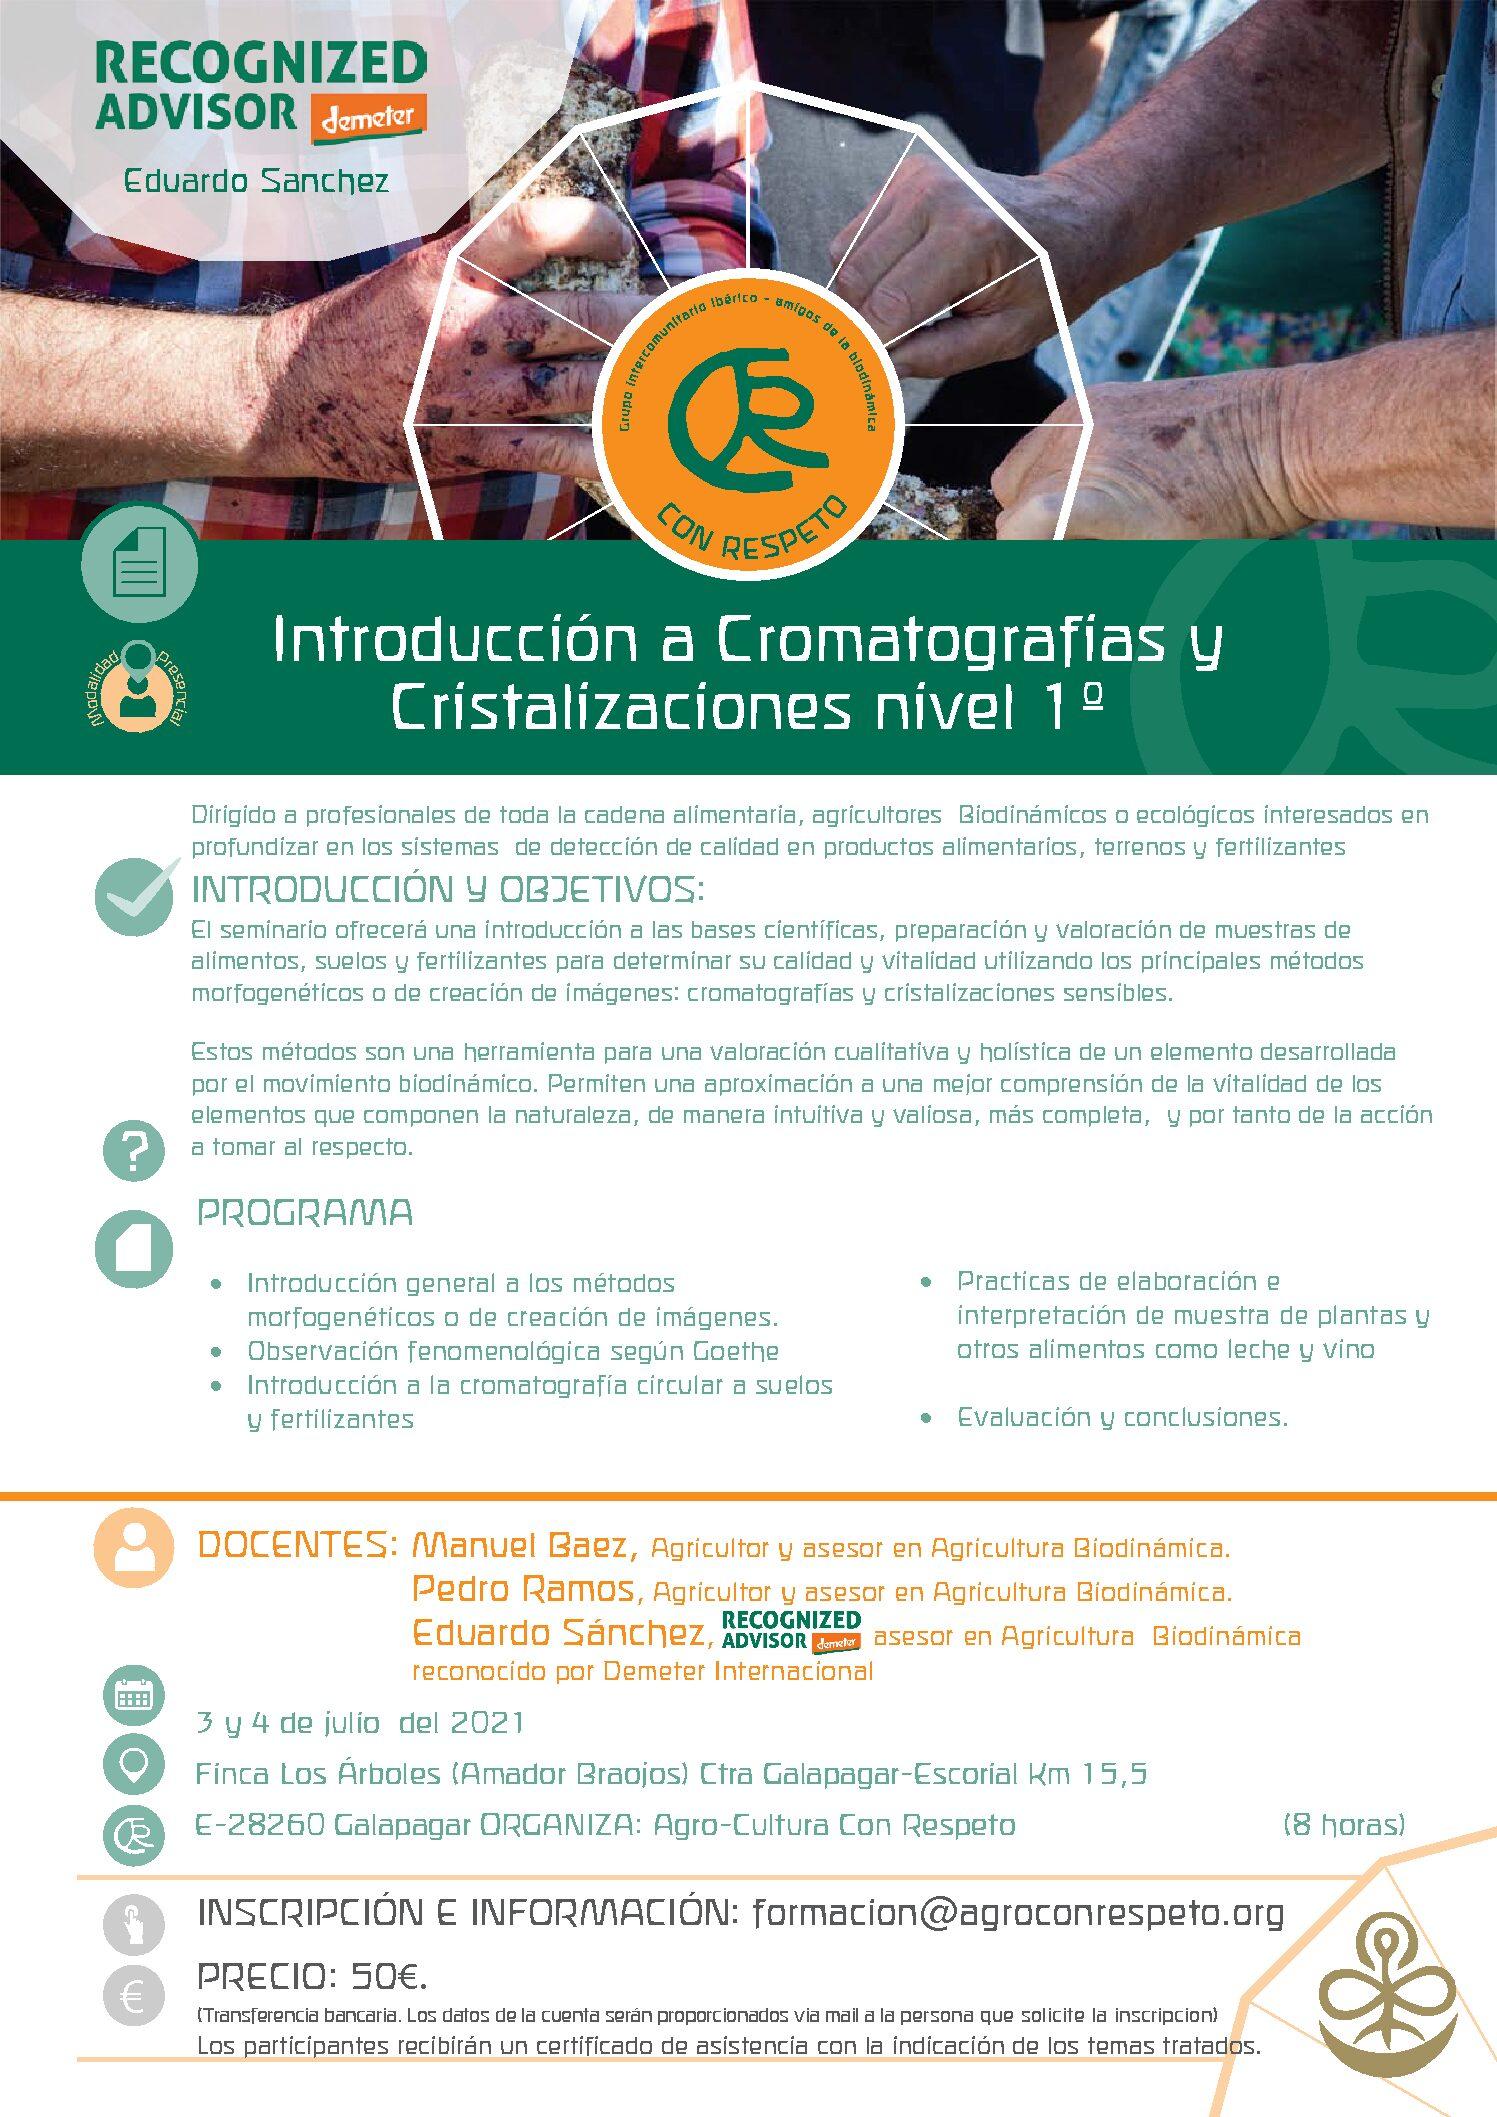 Introducción a Cromatografias y Cristalizaciones N-1